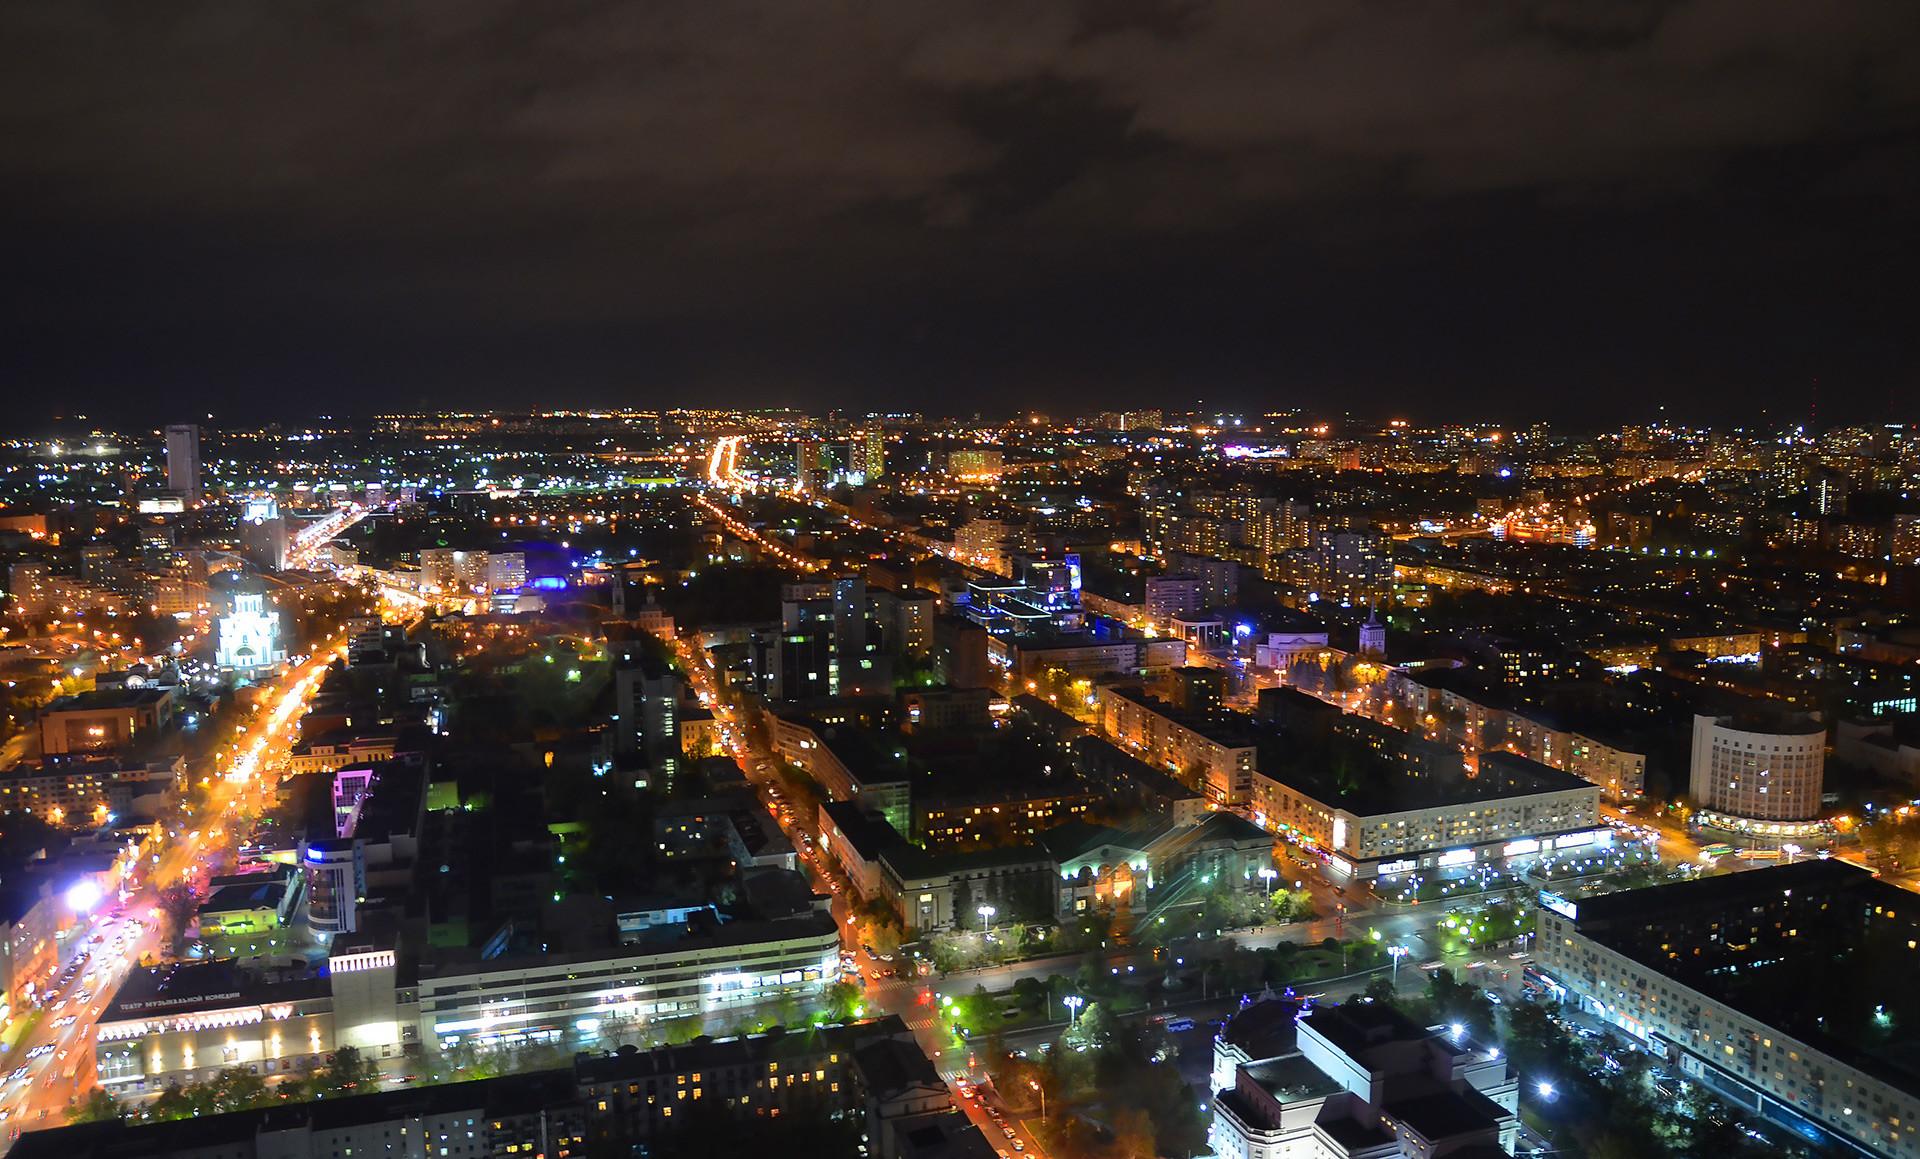 Von der Dachterrasse des Wyssozkij-Businesszentrums aus sehen Sie schon die ganze Strecke ihres Avantgarde-Spaziergangs durch Jekaterinburg!